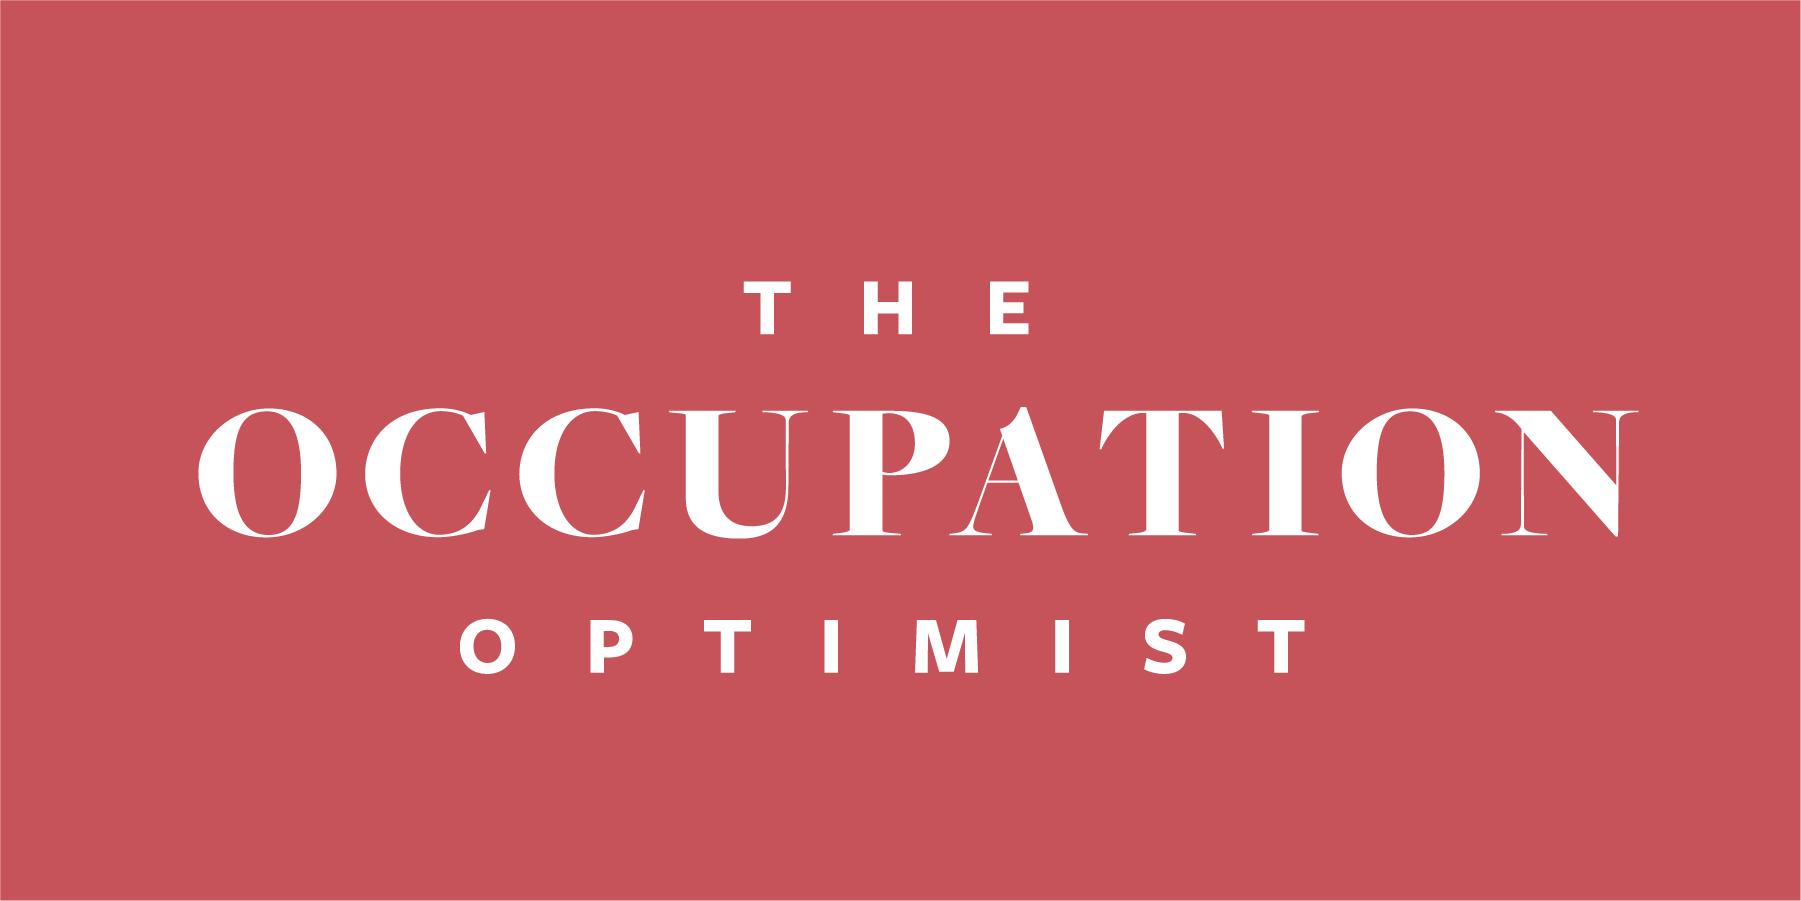 Occupation Optimist